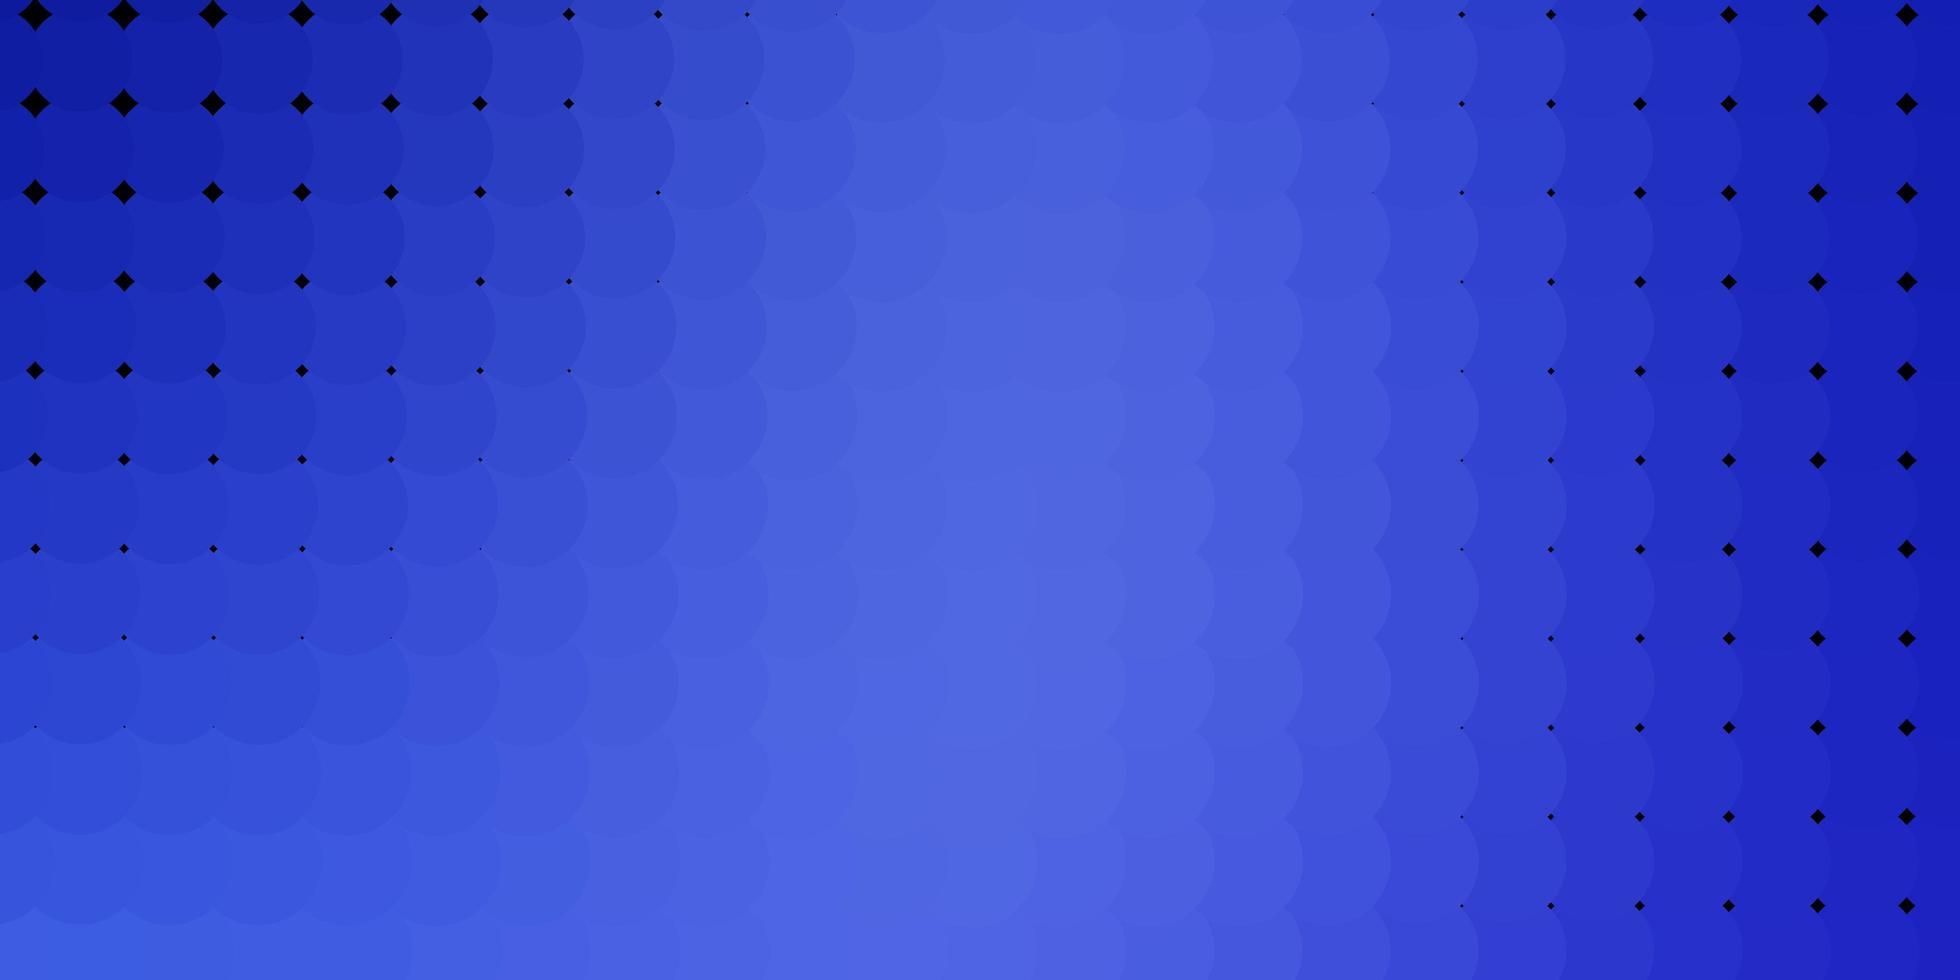 sfondo vettoriale azzurro con bolle.